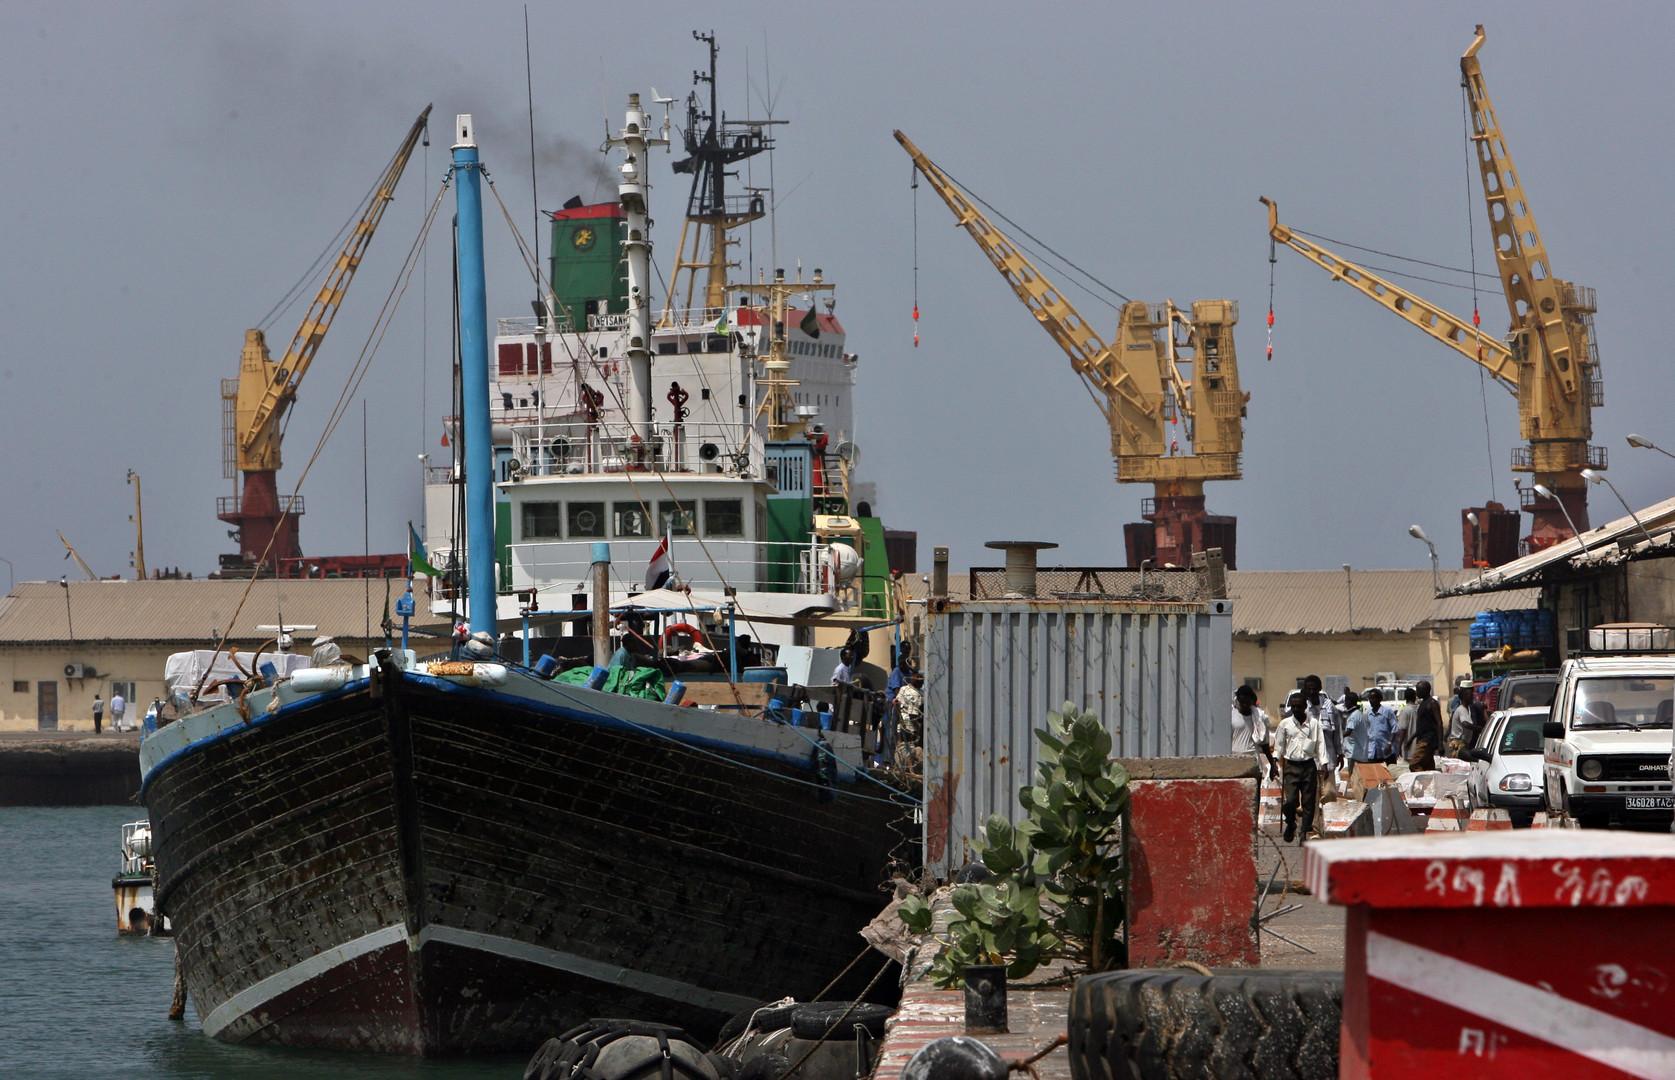 جيبوتي: لا توجد سفن حربية إيرانية في موانئنا